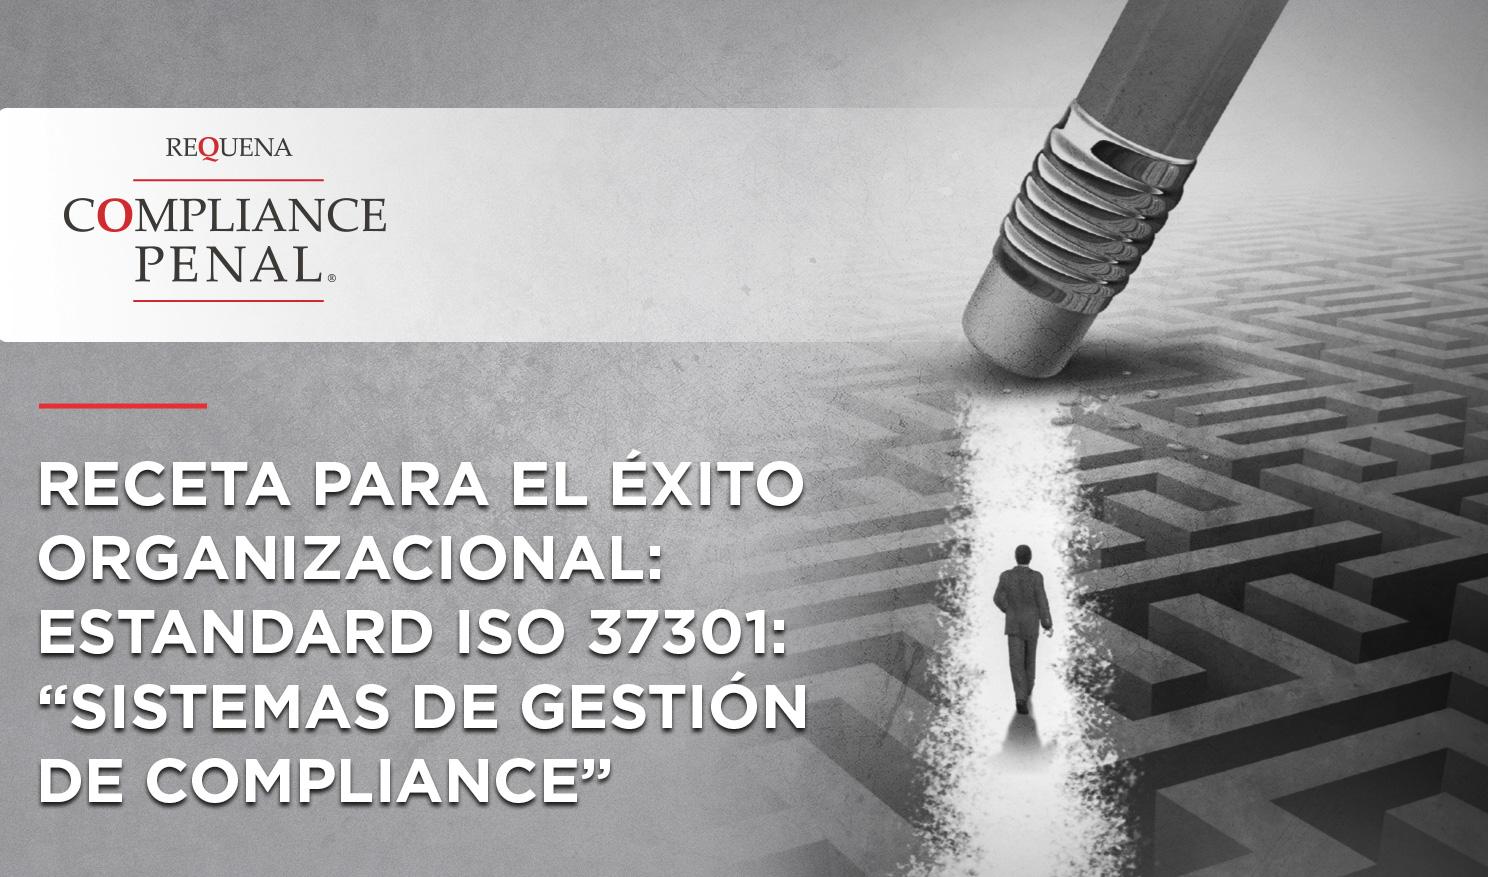 """RECETA PARA EL ÉXITO ORGANIZACIONAL: ESTANDAR ISO 37301: """"SISTEMAS DE GESTIÓN DE COMPLIANCE"""""""